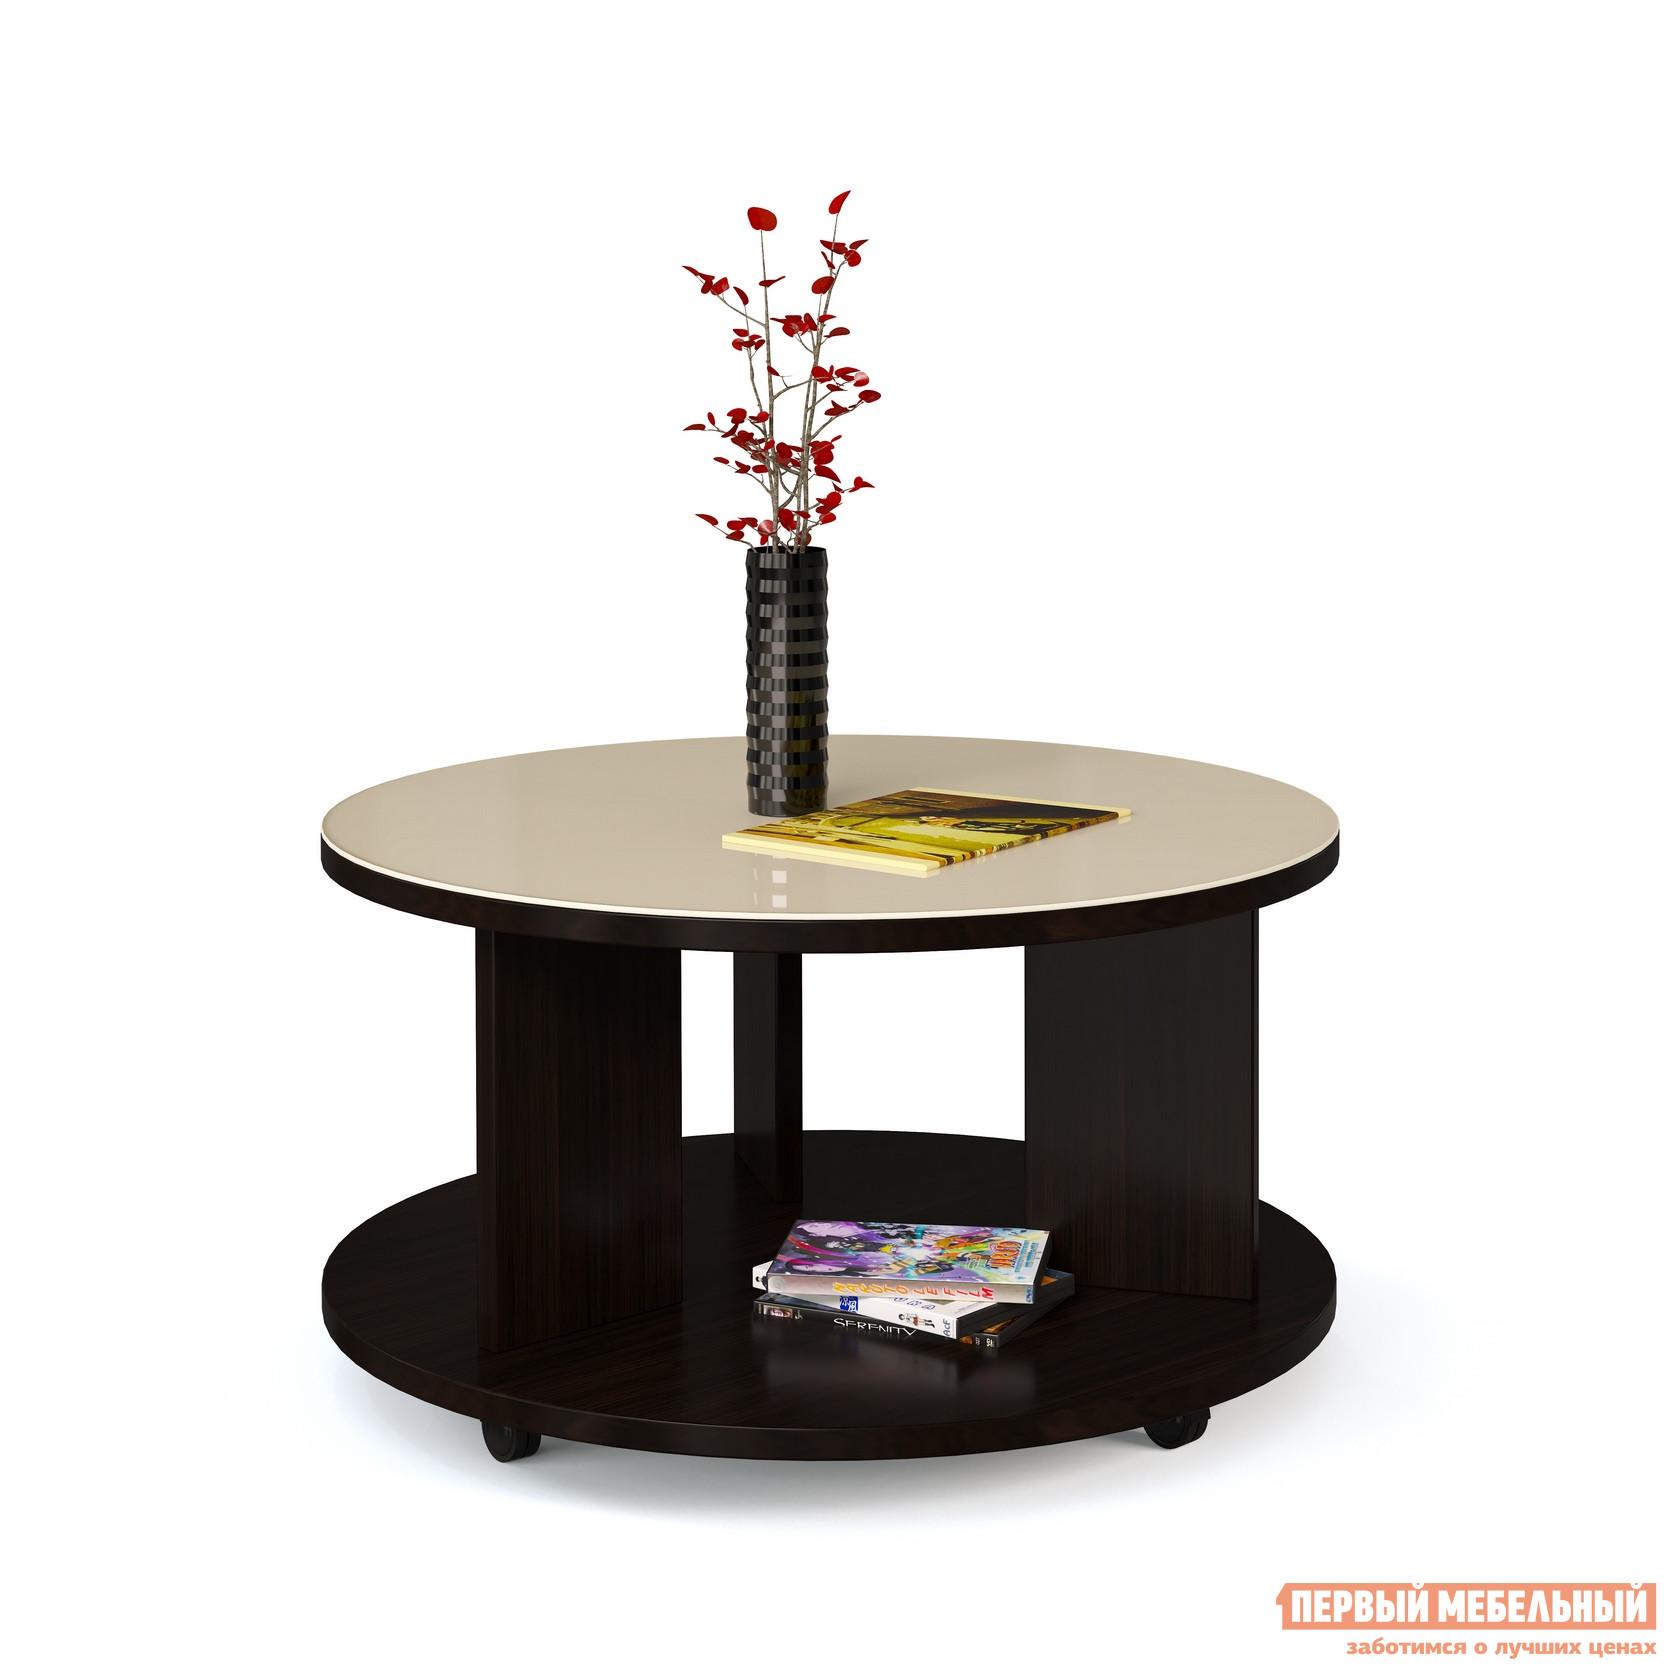 Журнальный столик МегаЭлатон Эдем 10 стол журнальный со стеклом